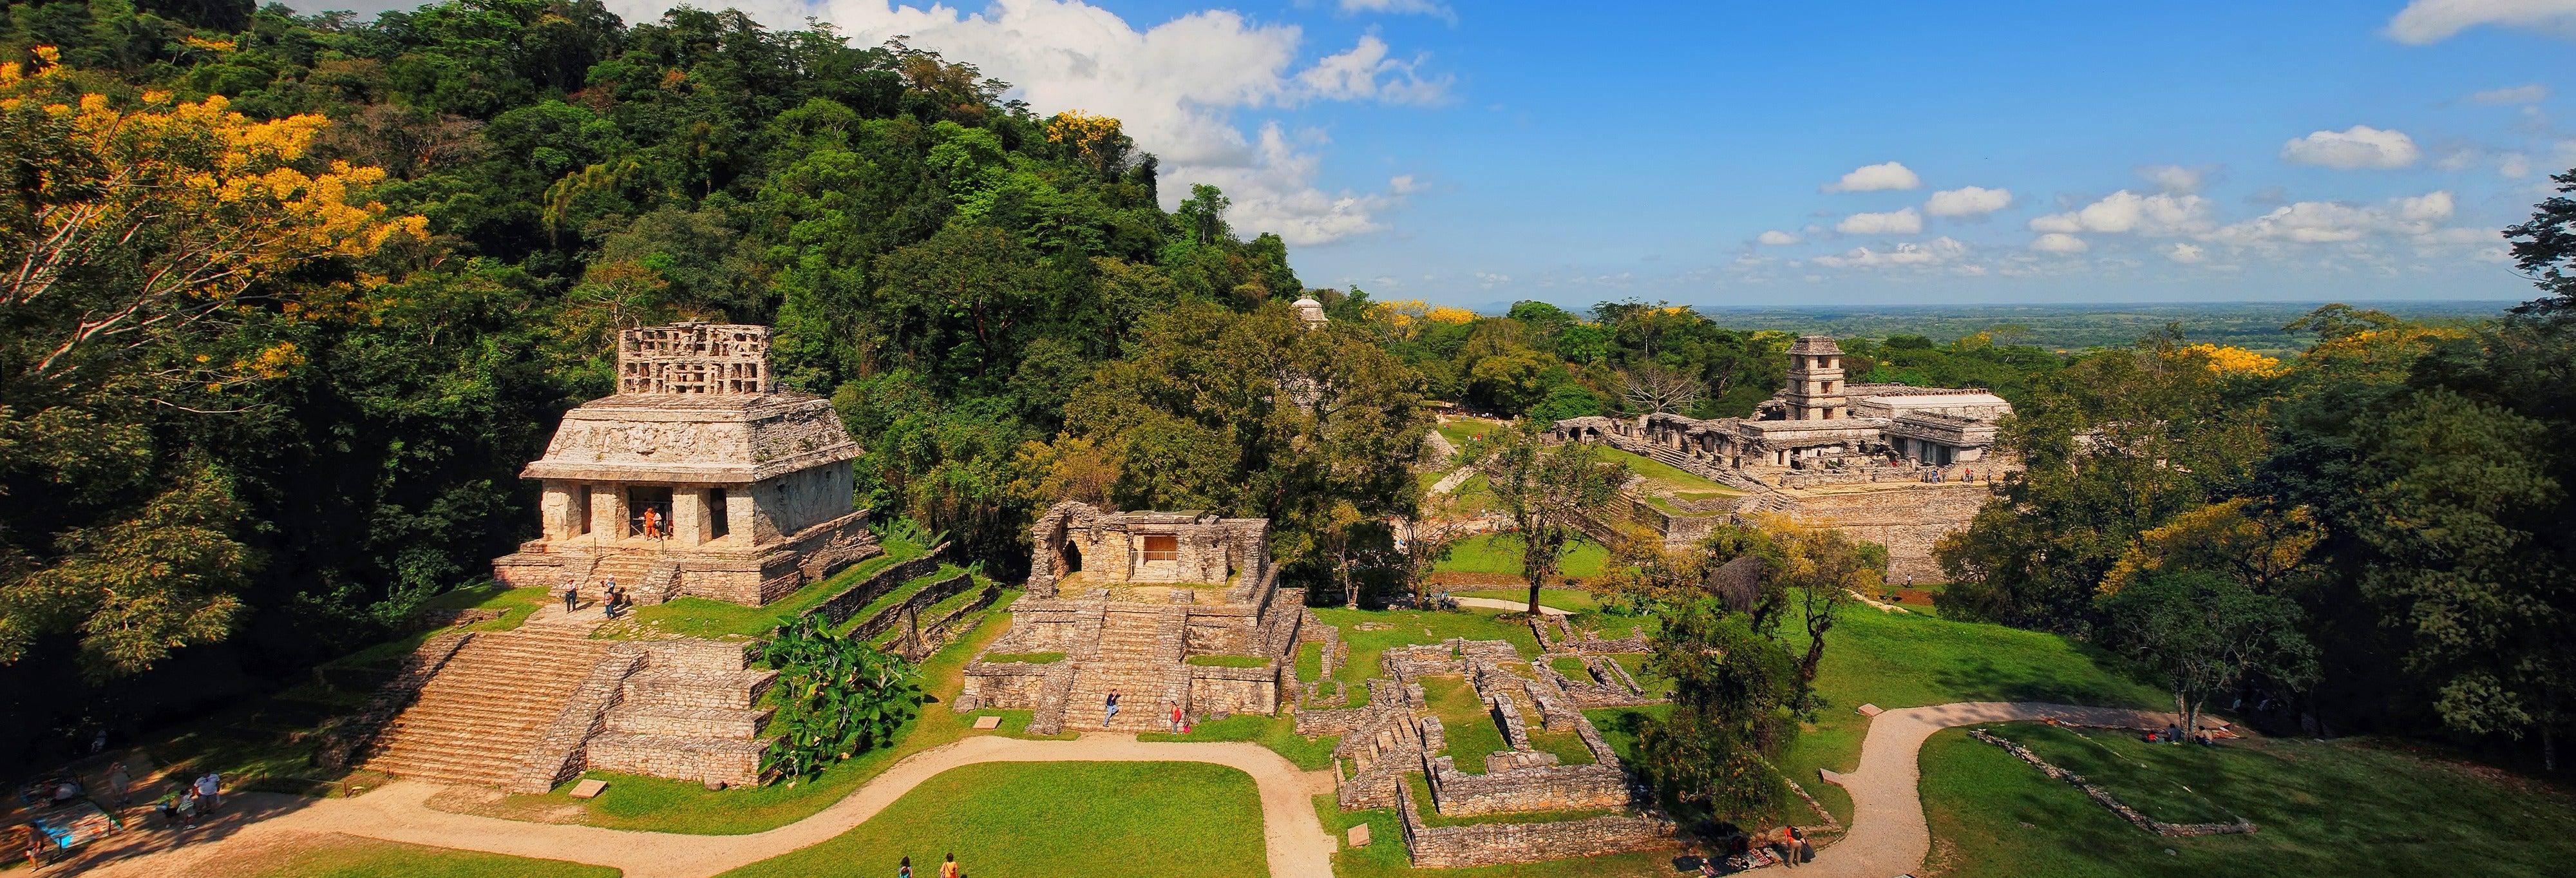 Excursión a las zonas arqueológicas de Pomoná y Palenque